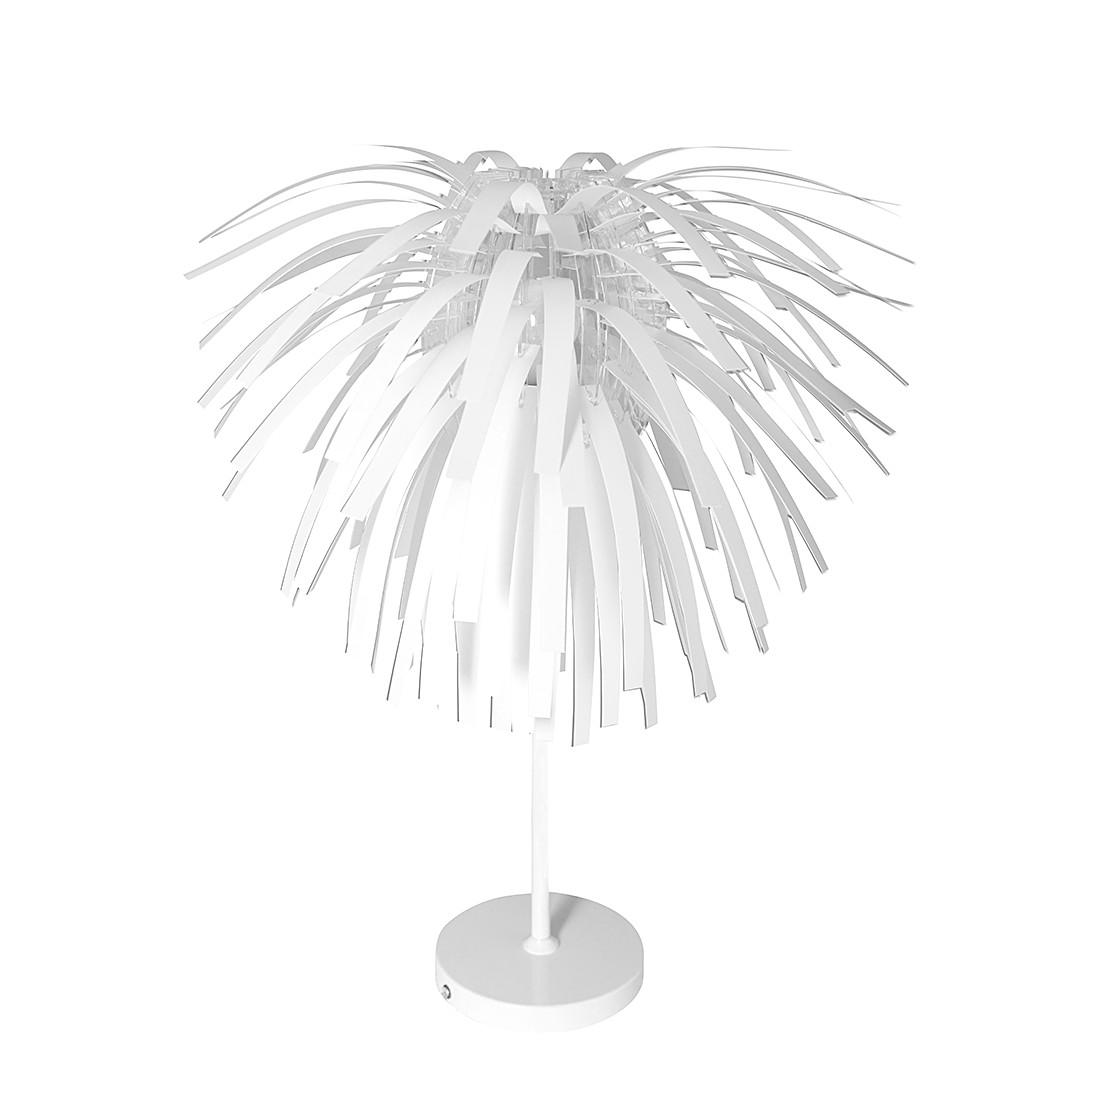 EEK A++, Lampe de table - Métal / Matériau synthétique 1 ampoule, Näve